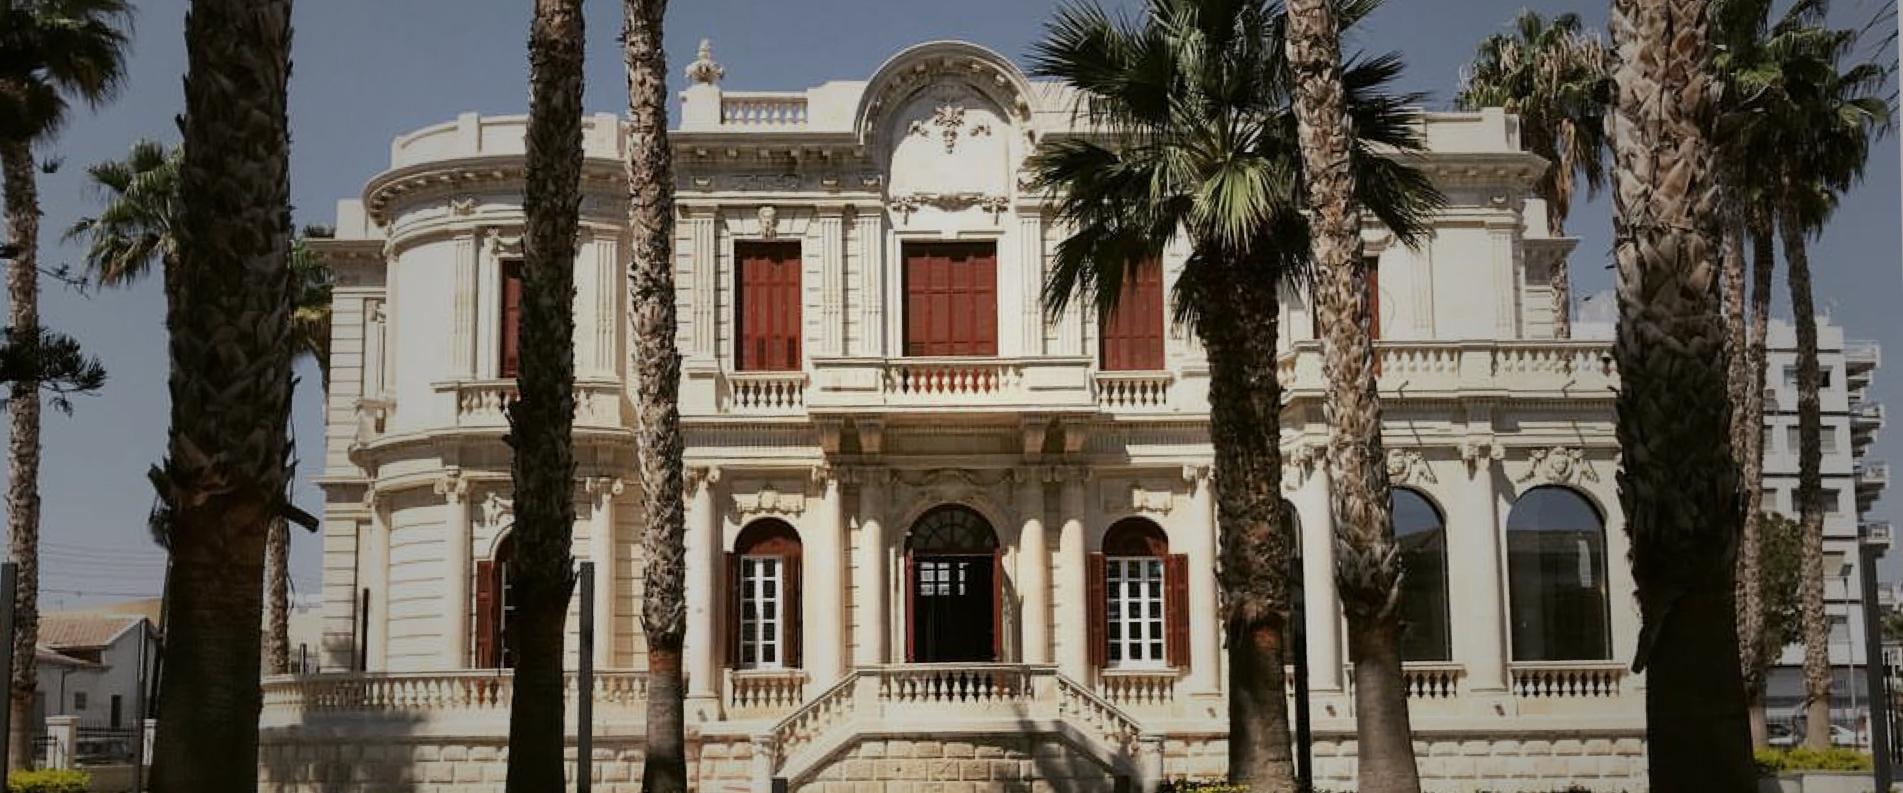 Публичная библиотека Лимассола — культурный центр во дворце